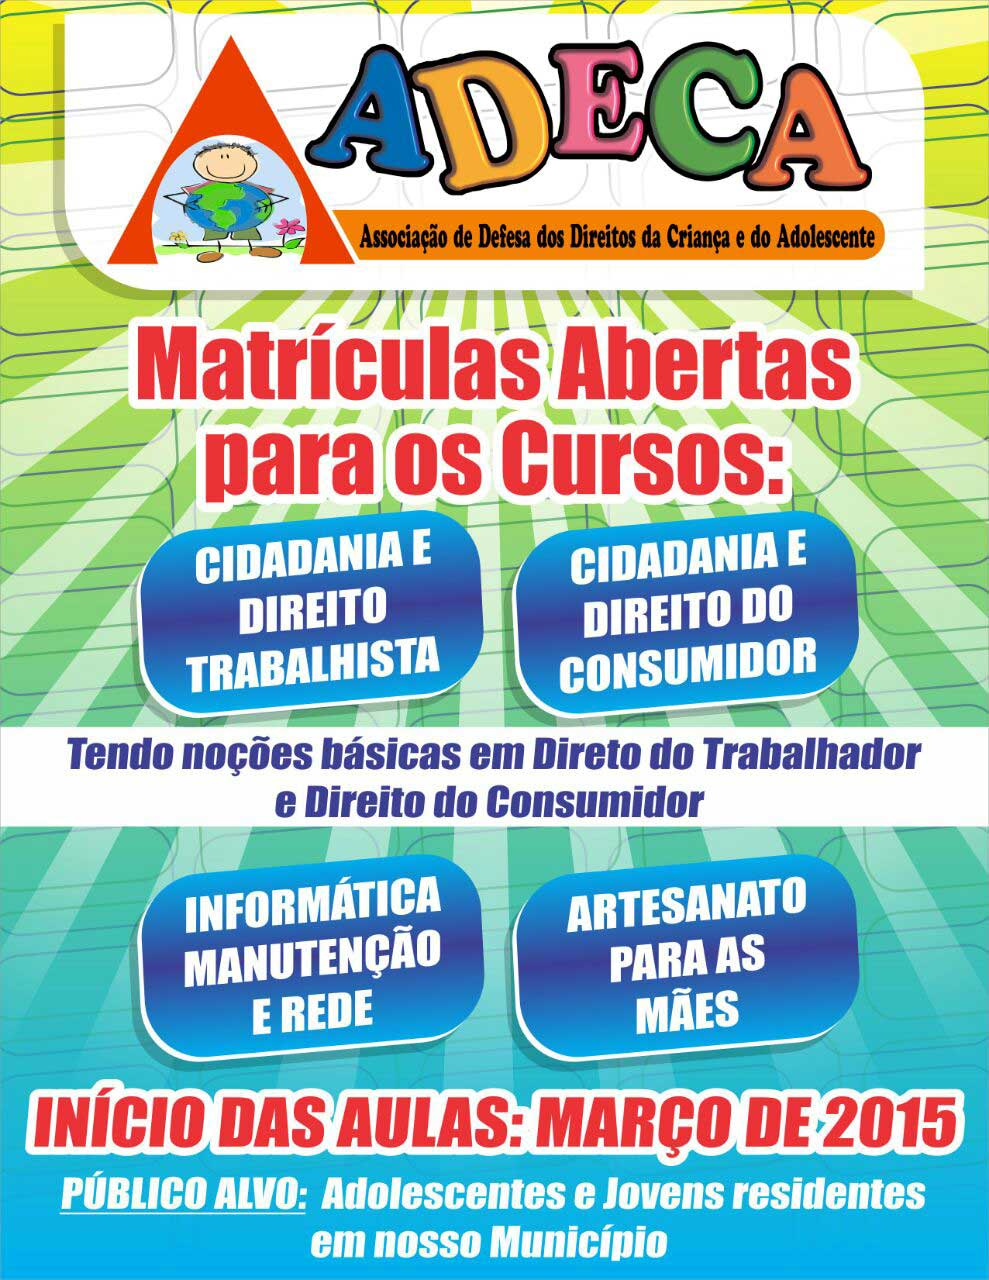 adeca-matri-fev-2015